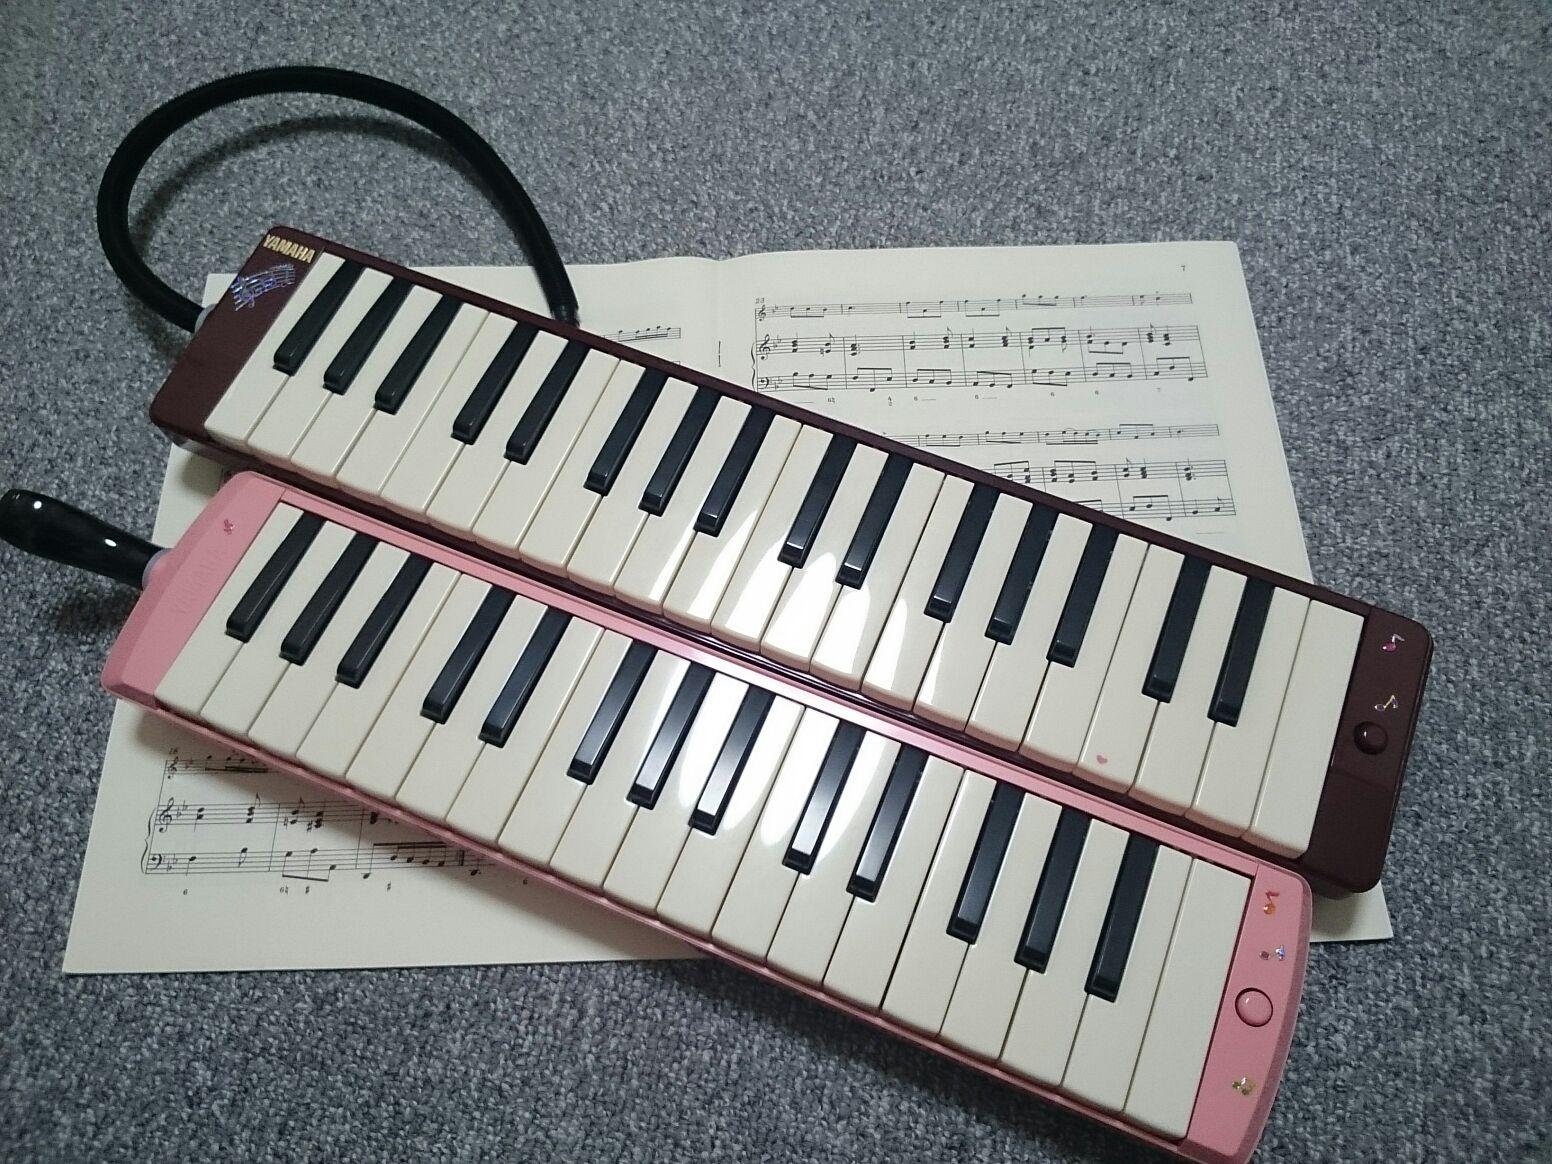 みんなで楽しい鍵盤ハーモニカ (ちいきカルチャー志津教室)